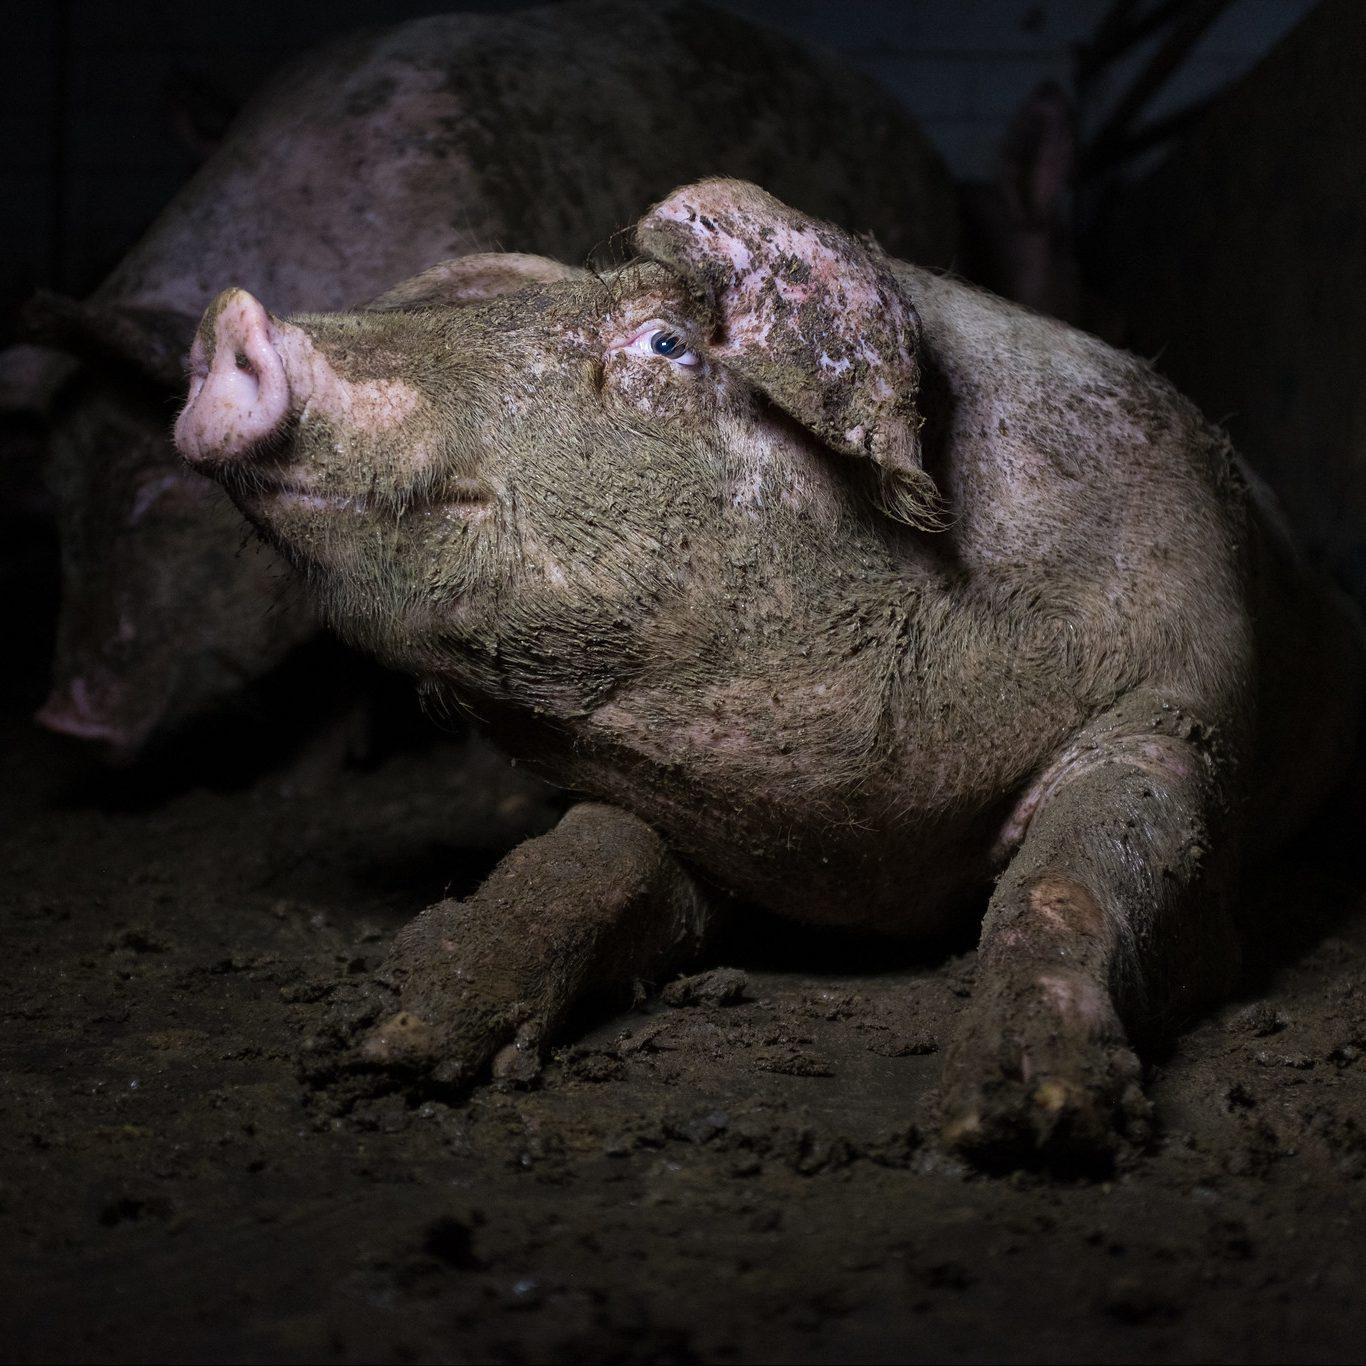 En gris ligger rett ut i en svært skitten binge. Hele kroppen er innsmurt med avføring, i likhet med bingegulvet og -veggene.